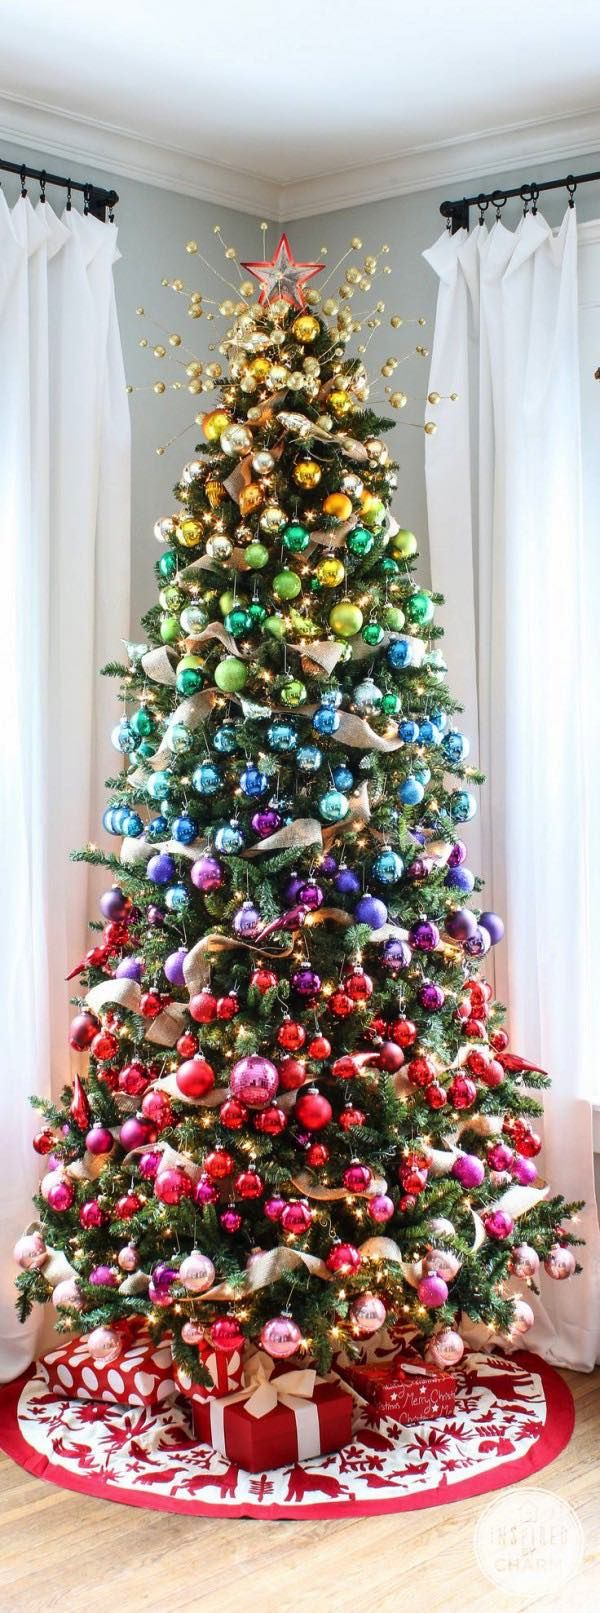 Tutorialous.com | 19 special and original Christmas tree ideas for you!